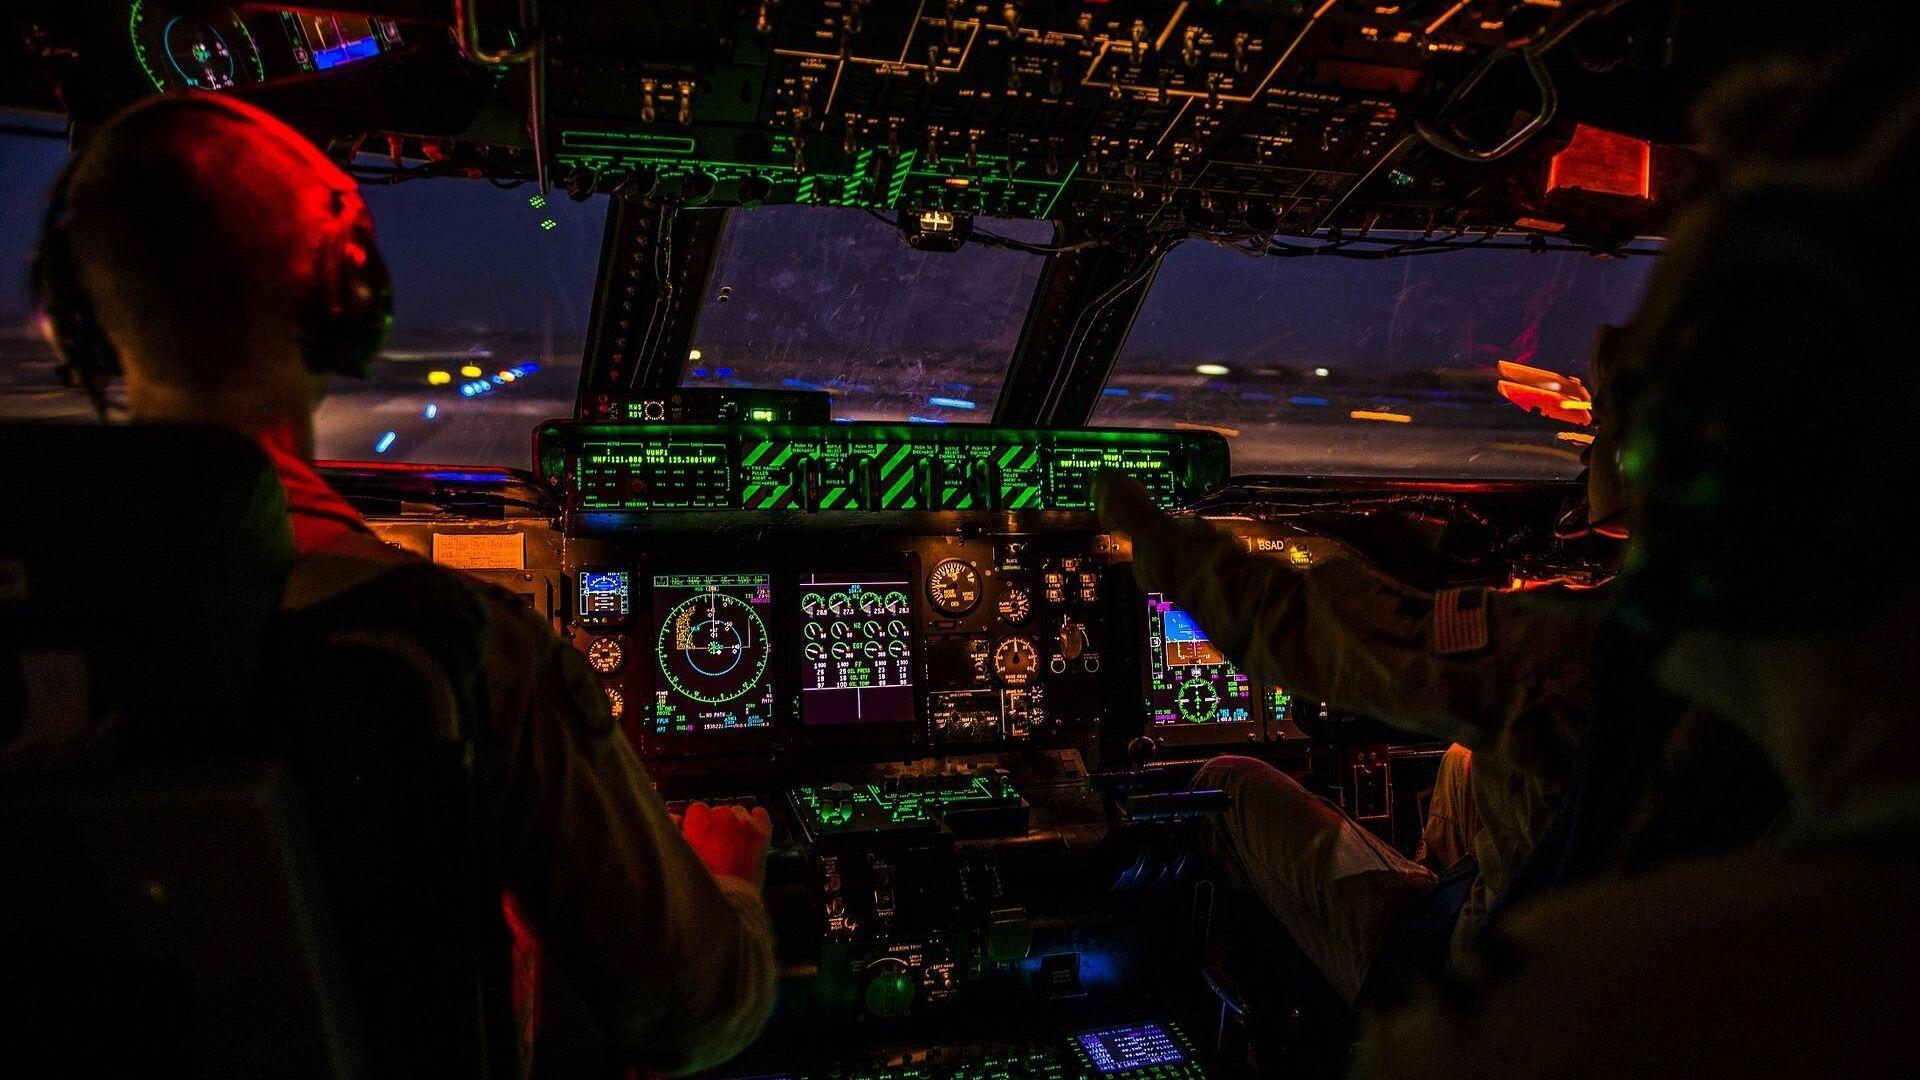 Чемезов оценил проект сверхзвукового российско-арабского самолета